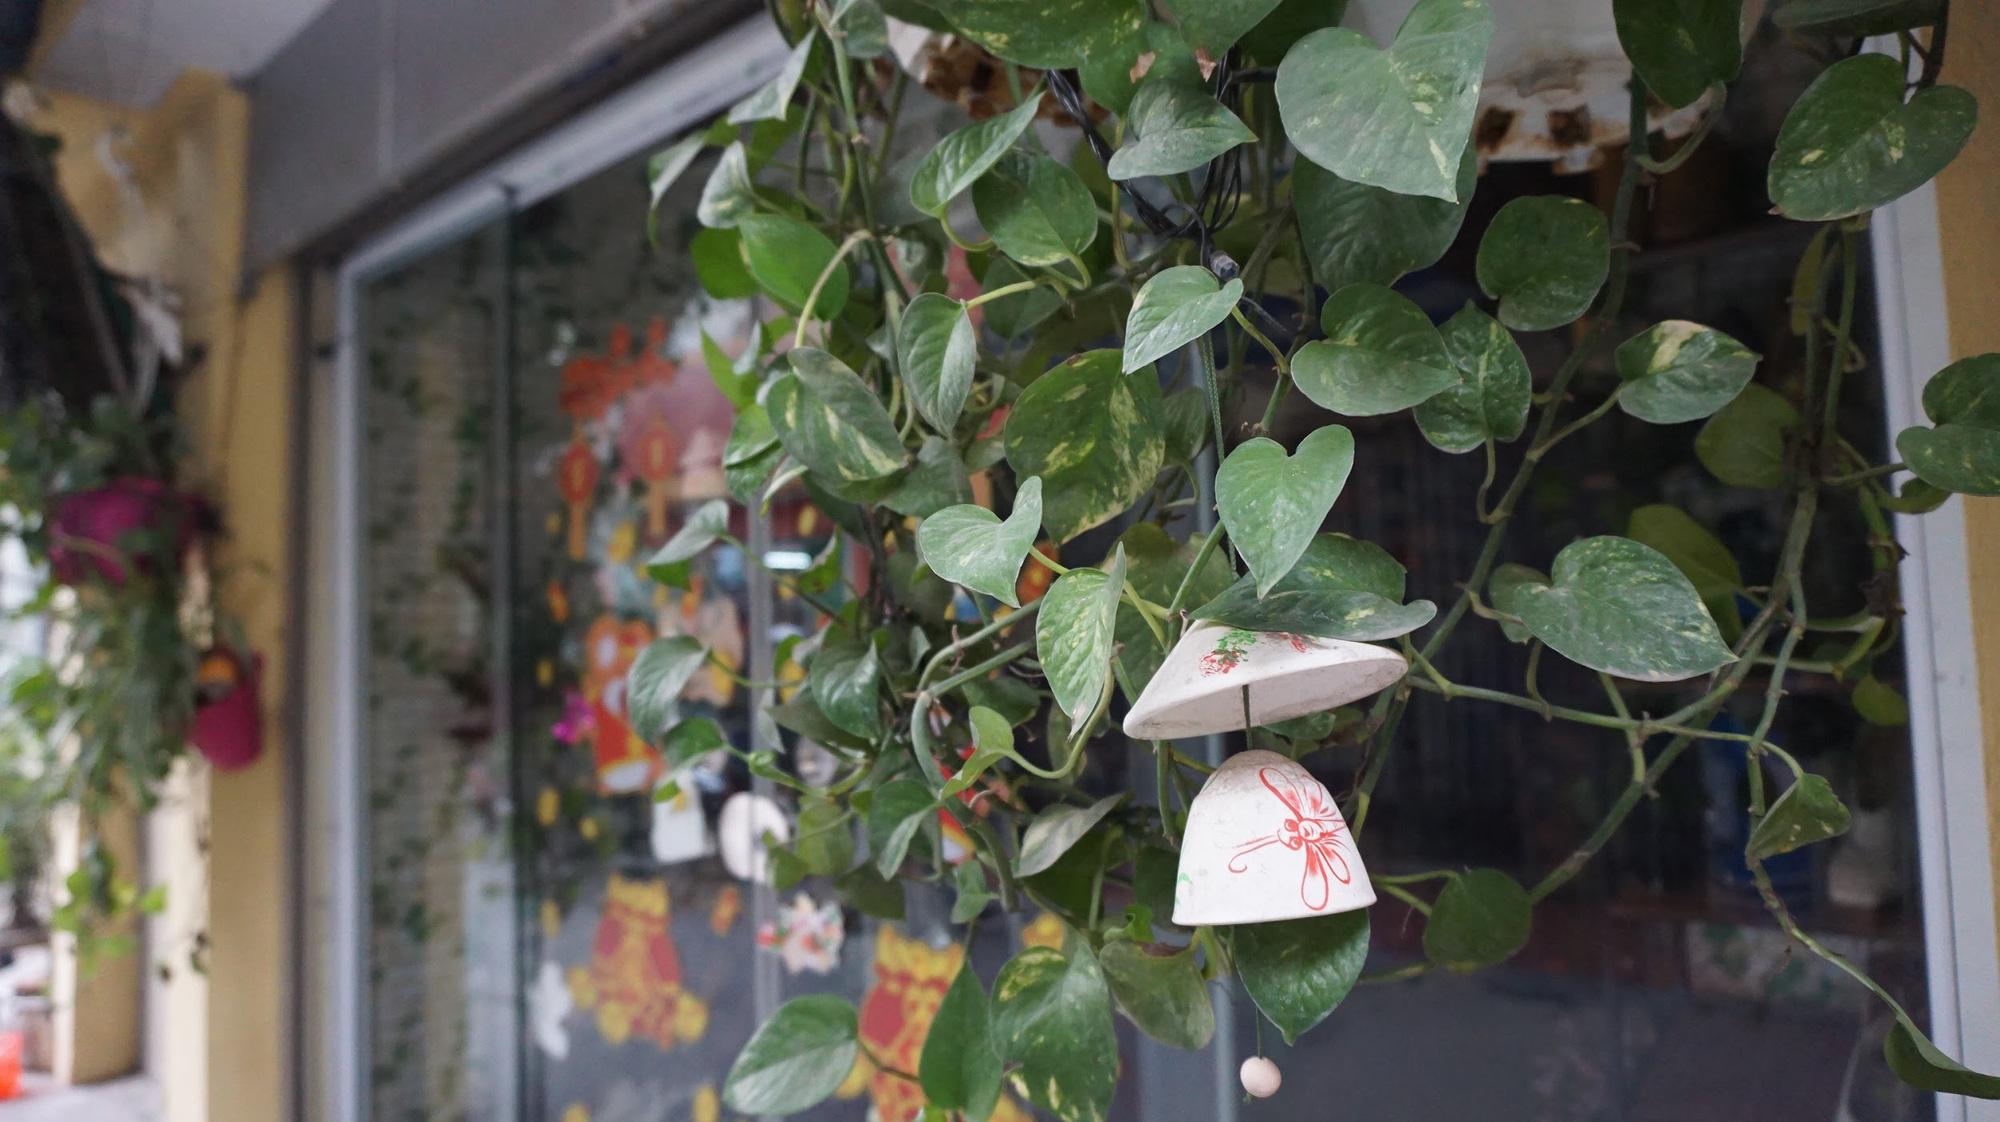 Nhà cây 5 tầng phủ kín hoa giấy ở Hà Nội, ai đi qua cũng dừng lại ngắm - Ảnh 7.